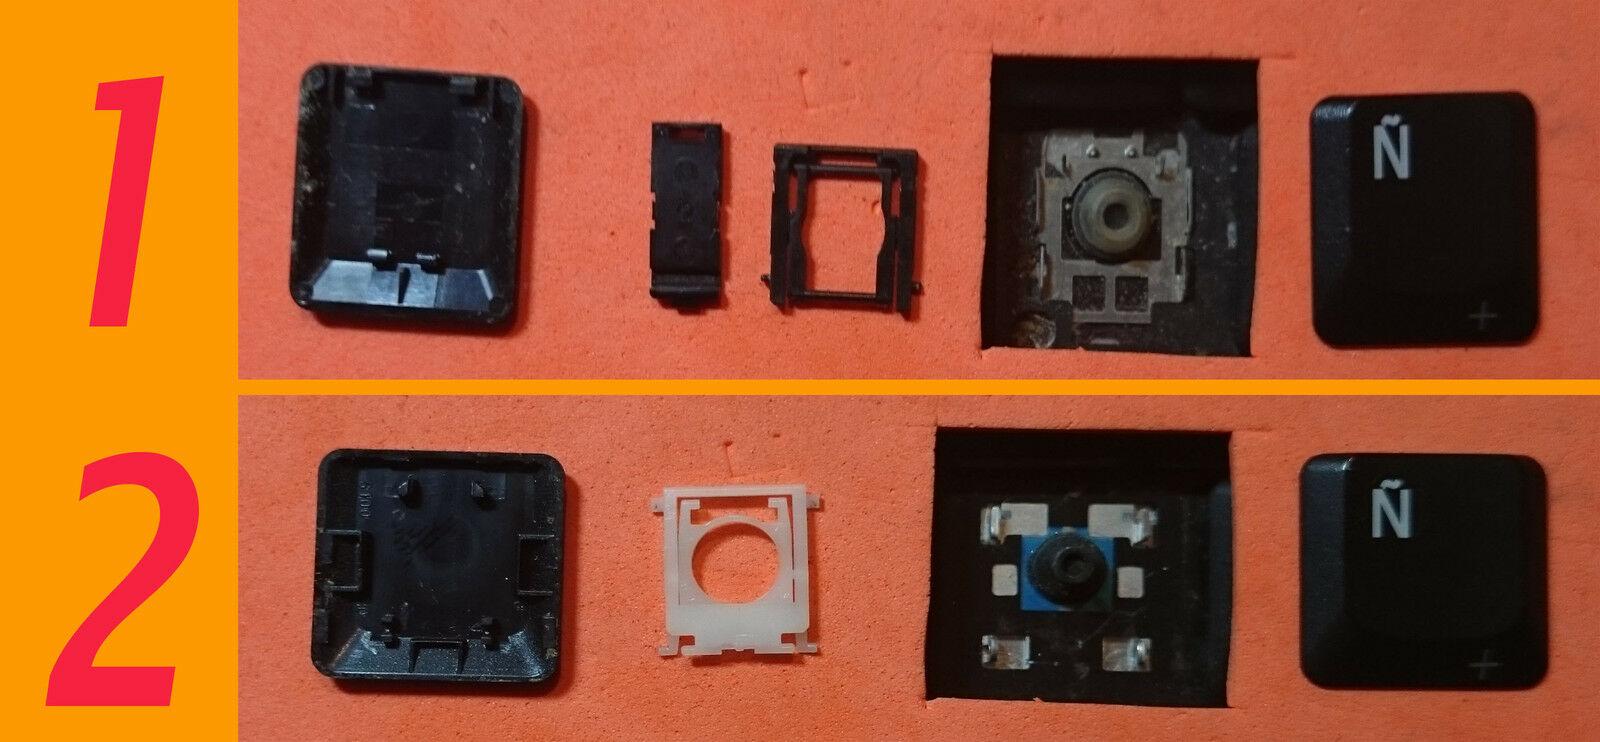 TECLA TECLAS DE TECLADO TOSHIBA SATELLLITE PRO 2100 A10 A100 A120 A20 A30